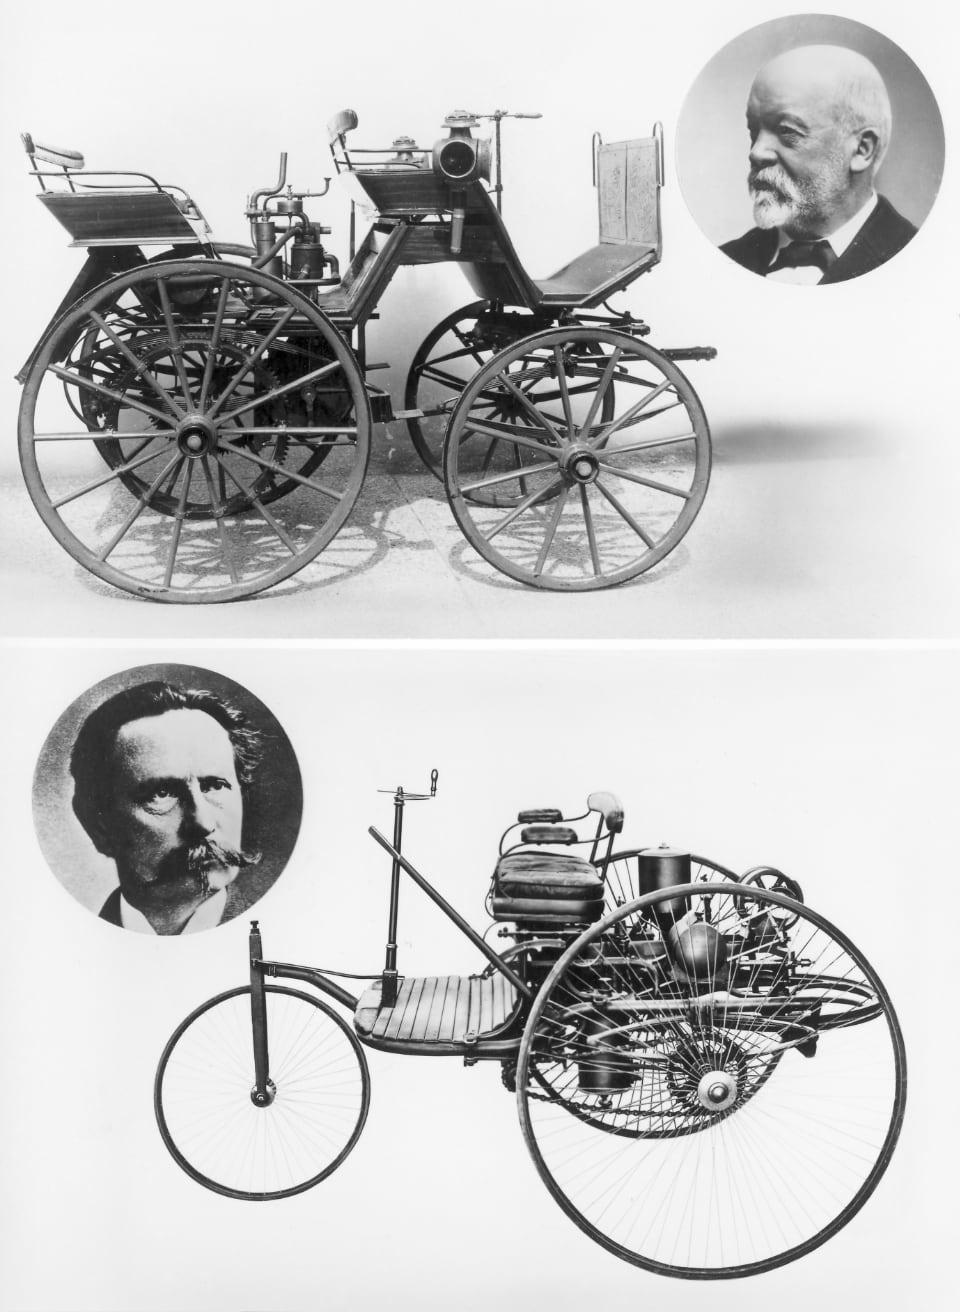 다임러(위)와 벤츠의 첫 차. 이들 모두 처음부터 내연기관을 자동차의 동력원으로 썼다